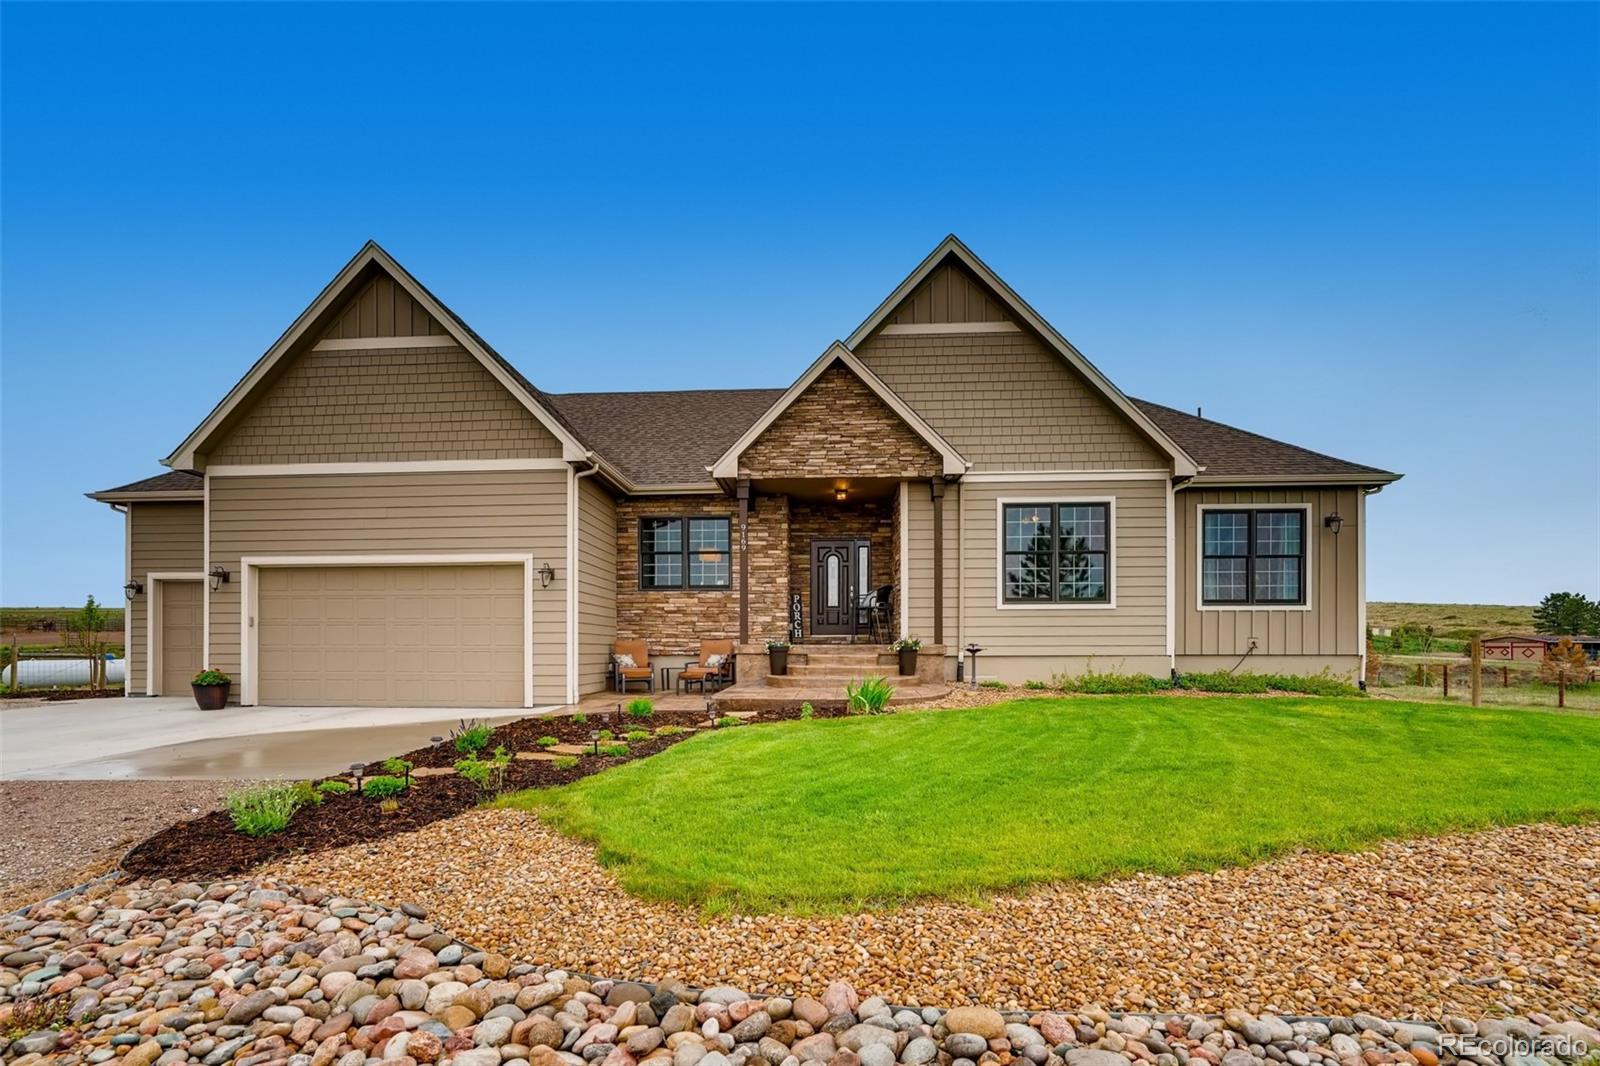 9169 Cooper Creek Court, Parker, CO 80138 - Parker, CO real estate listing